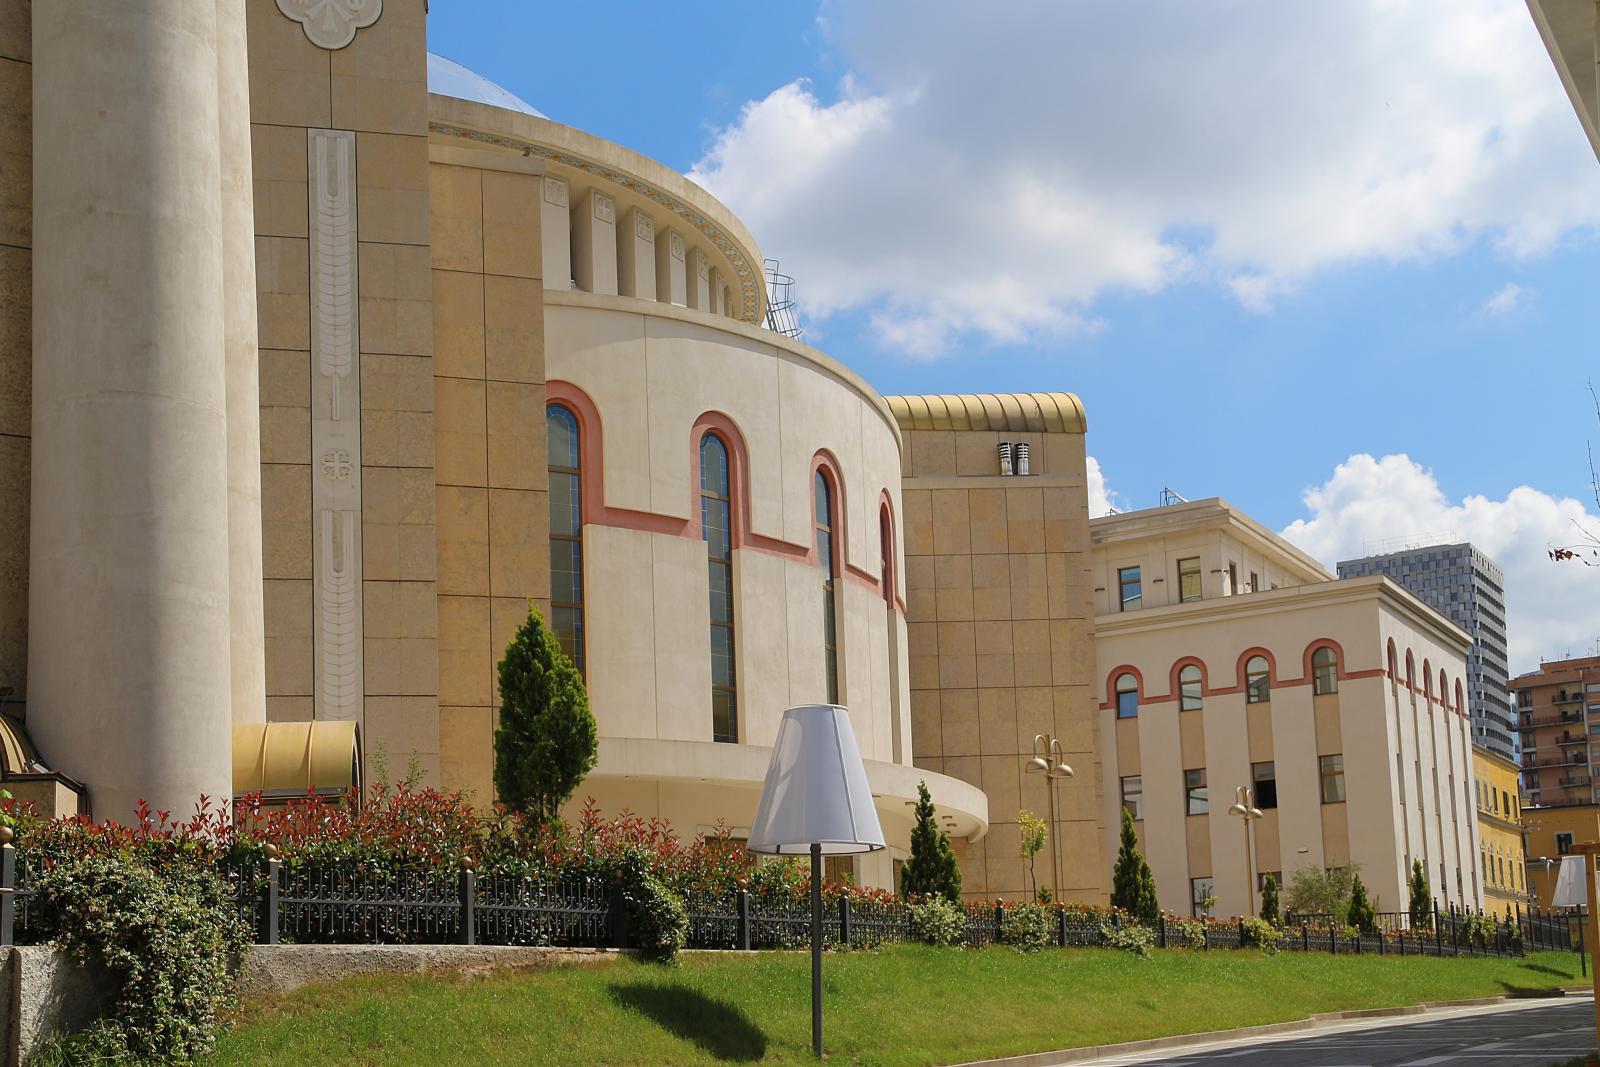 Trei ani de la sfințirea Catedralei Învierii lui Hristos din Tirana, un eveniment cu mai multe semnificatii istorice. (foto)